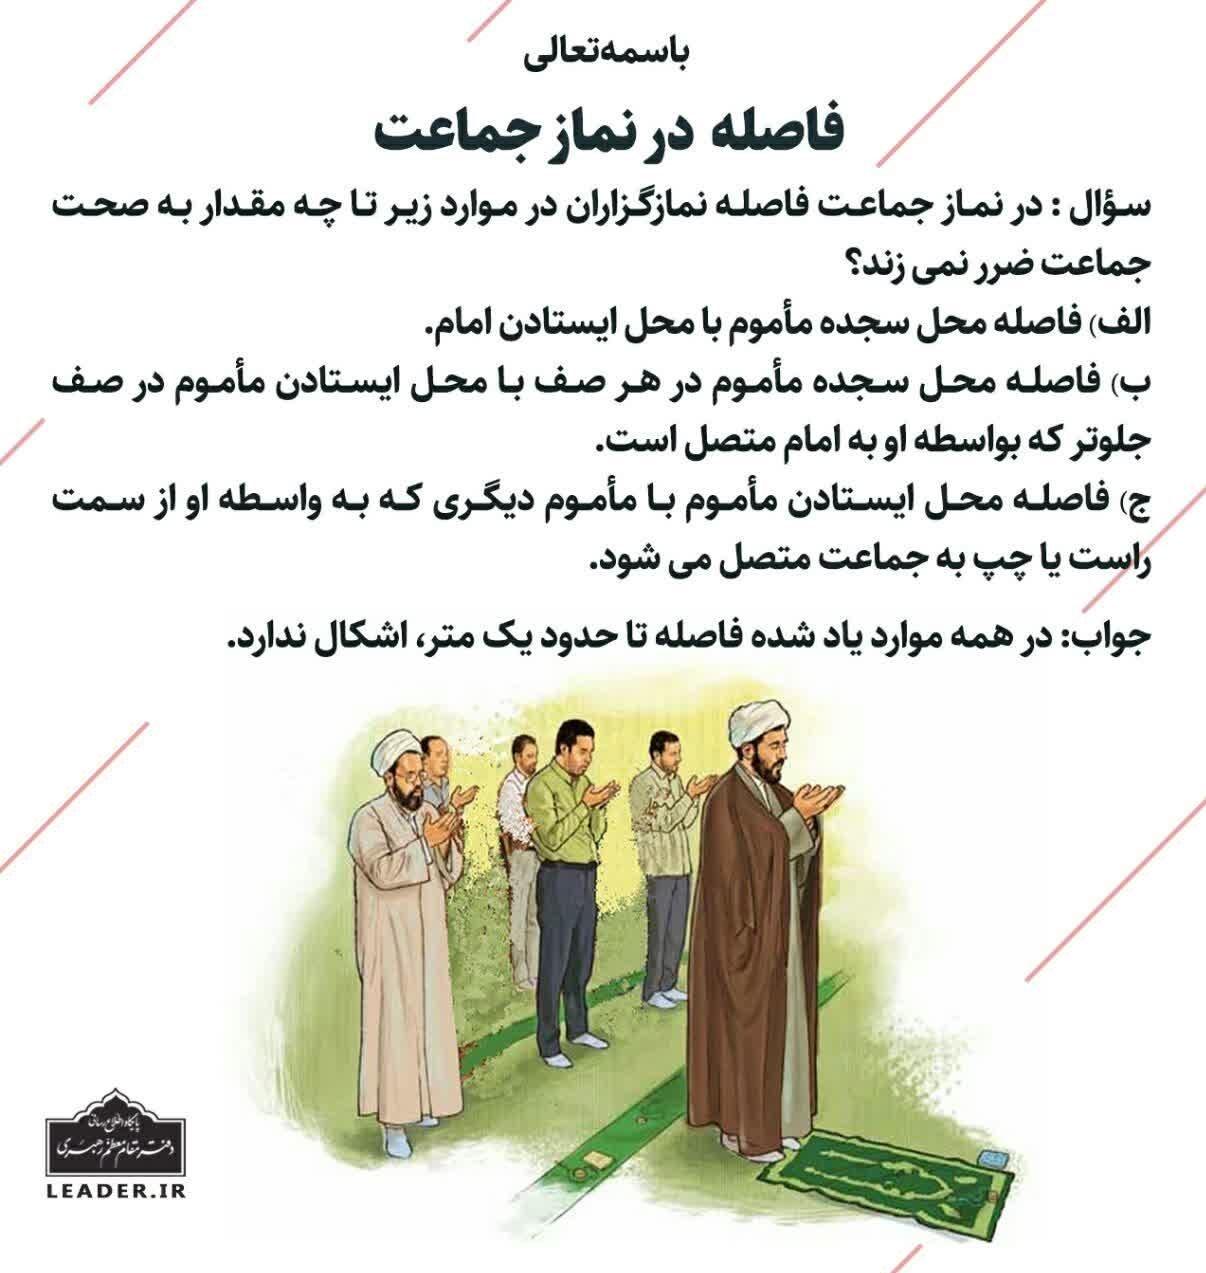 امام خامنهای , احکام دینی , ستادهای نماز جمعه کشور ,